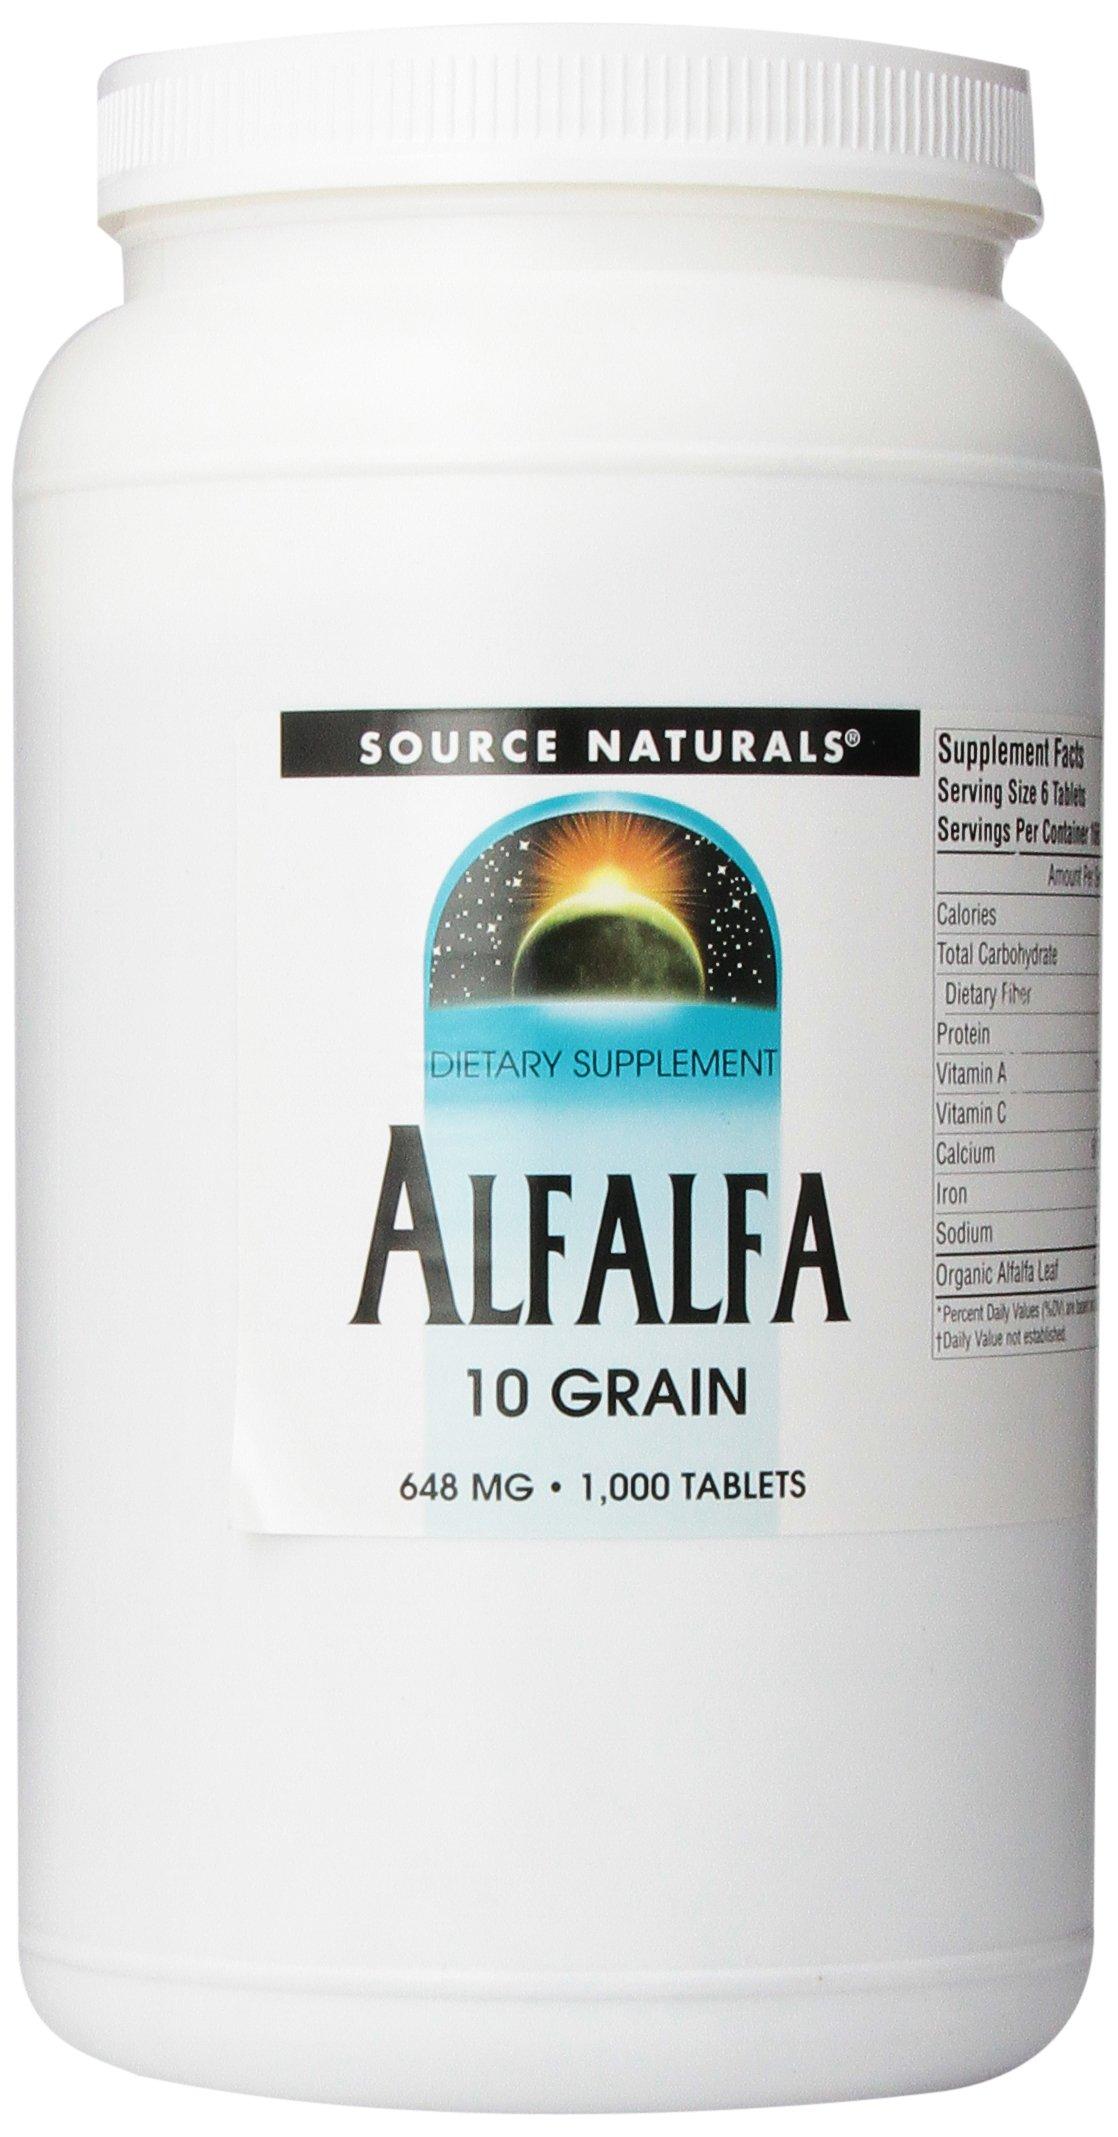 Source Naturals Alfalfa 10 Grain 648mg, 1000 Tablets